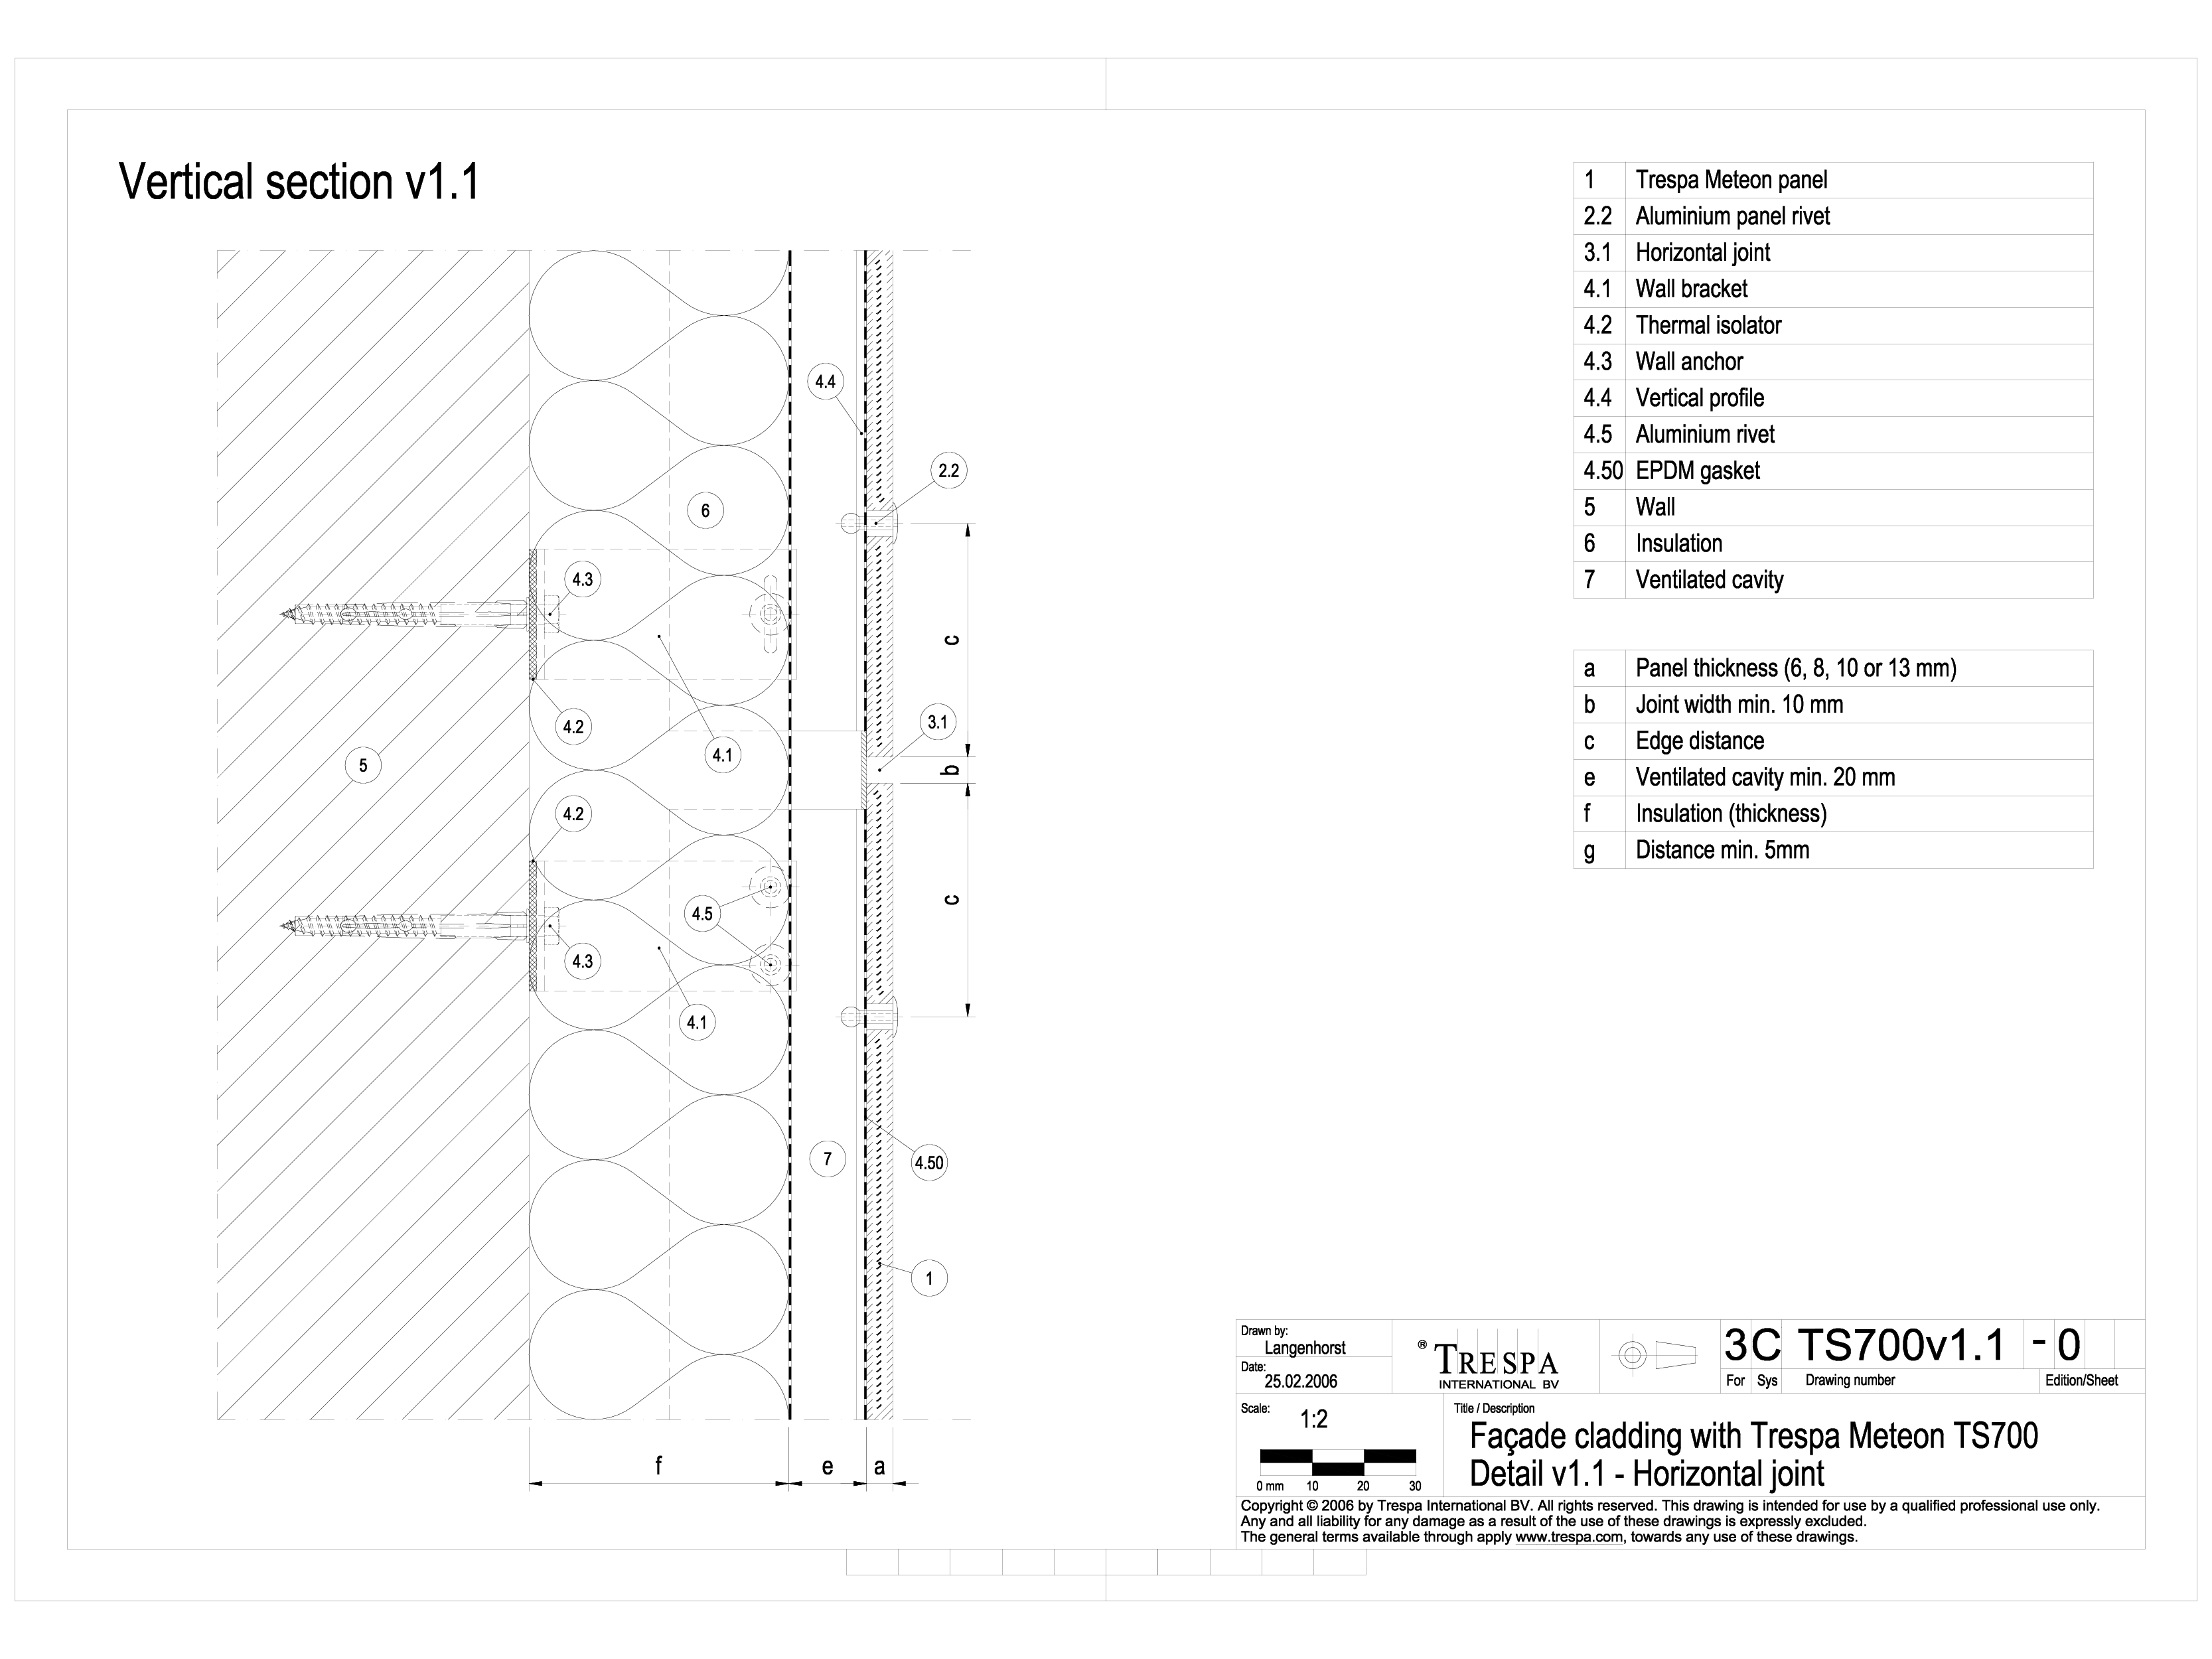 Sisteme de prindere fatade ventilate invizibile cu nituri, detaliu de imbinare pe orizontala METEON TRESPA Placi HPL pentru fatade ventilate GIBB TECHNOLOGIES  - Pagina 1